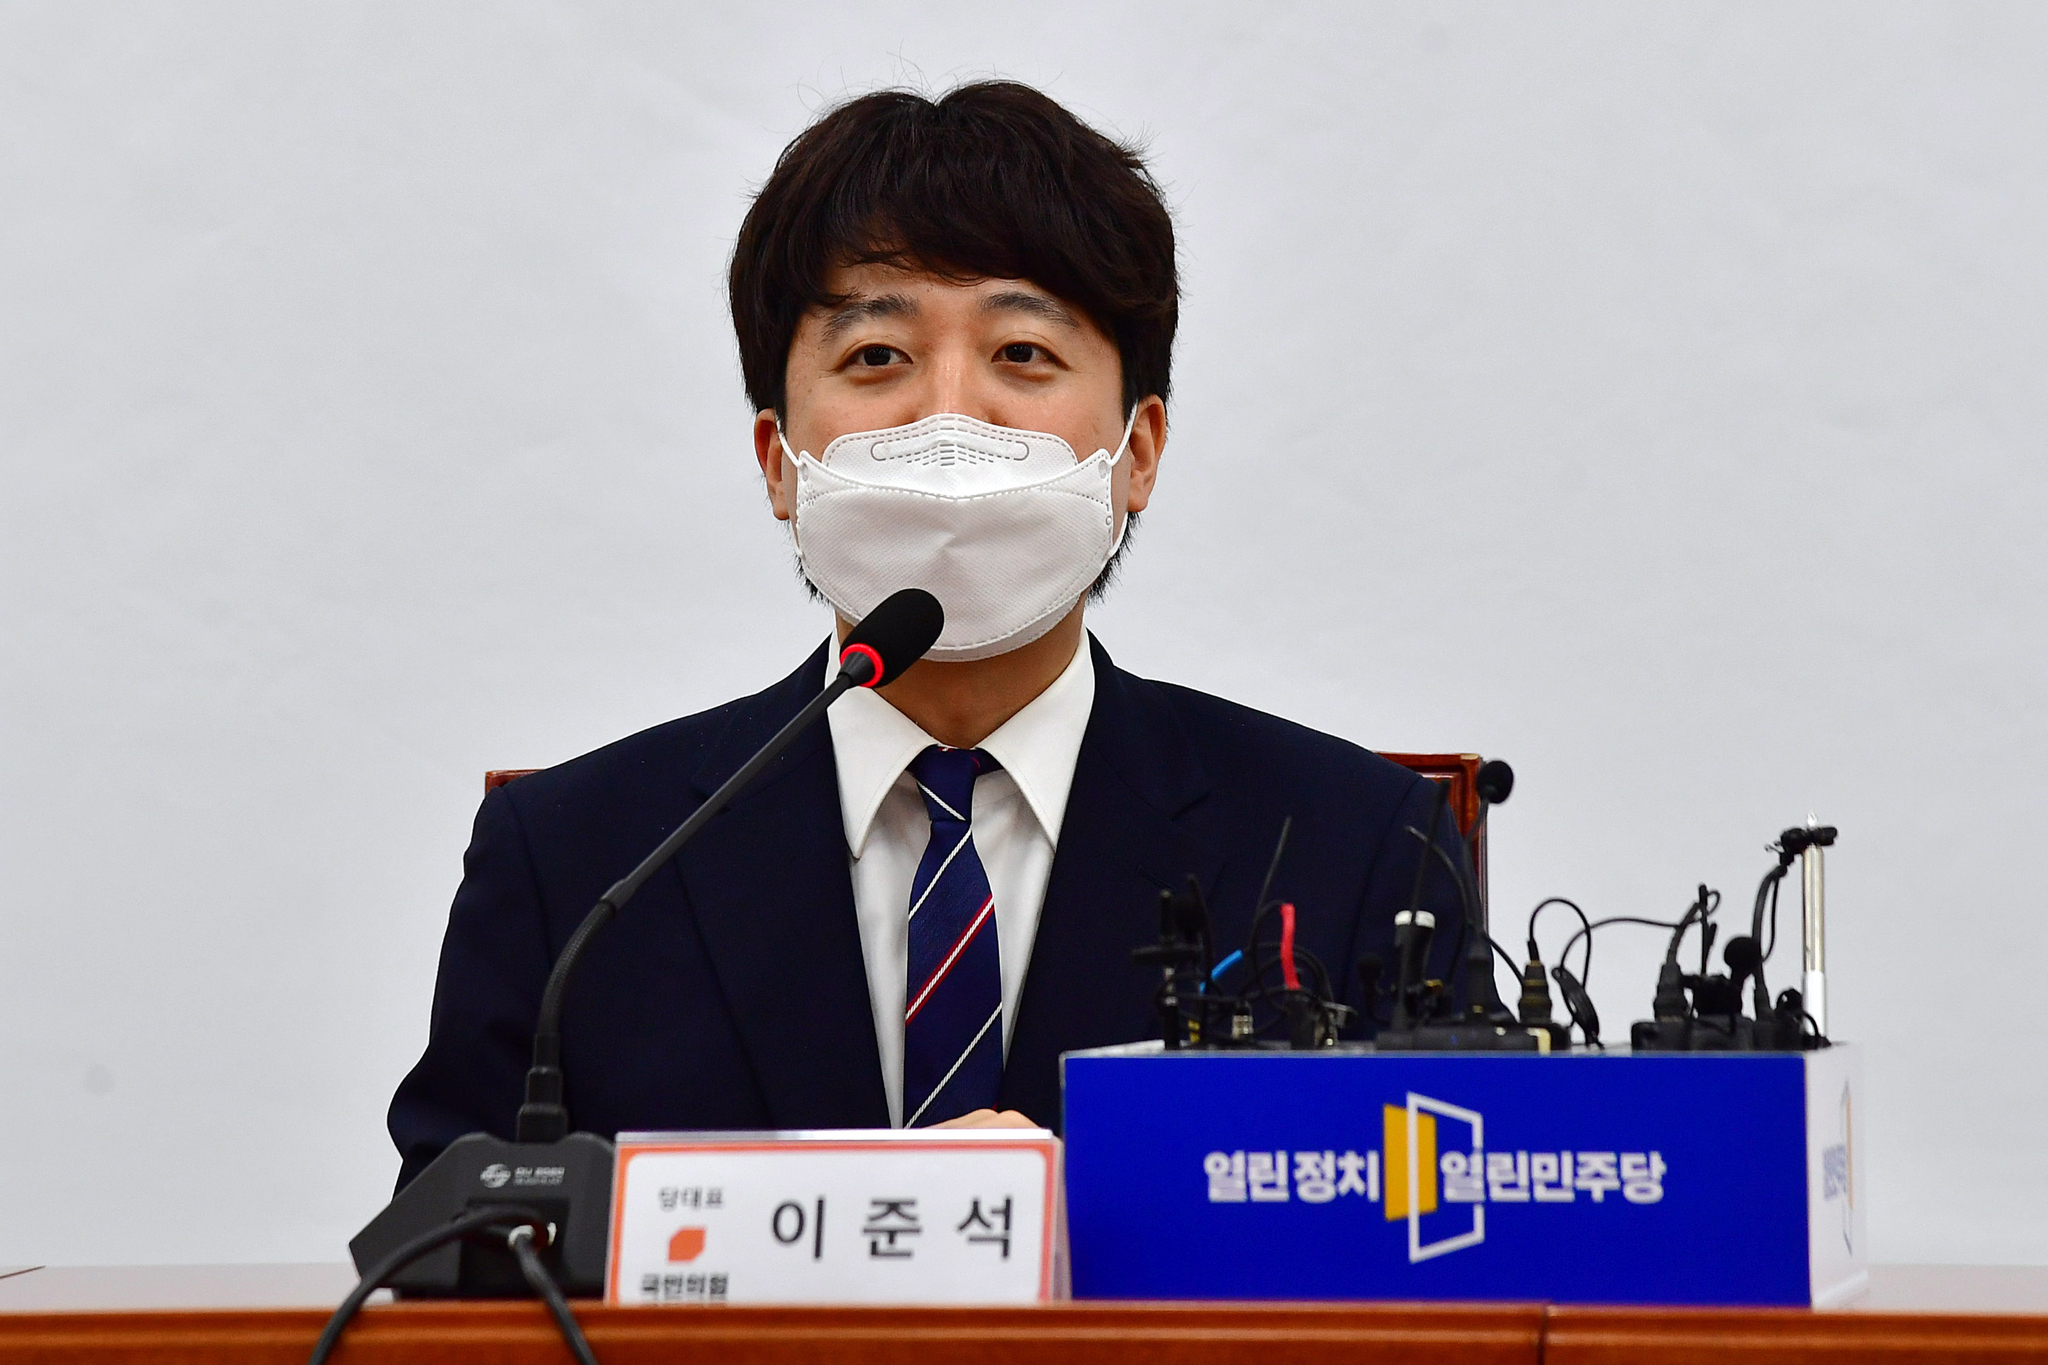 이준석 국민의힘 대표가 16일 오후 국회에서 열린민주당 최강욱 대표를 예방해 인사말을 하고 있는 모습. 오종택 기자